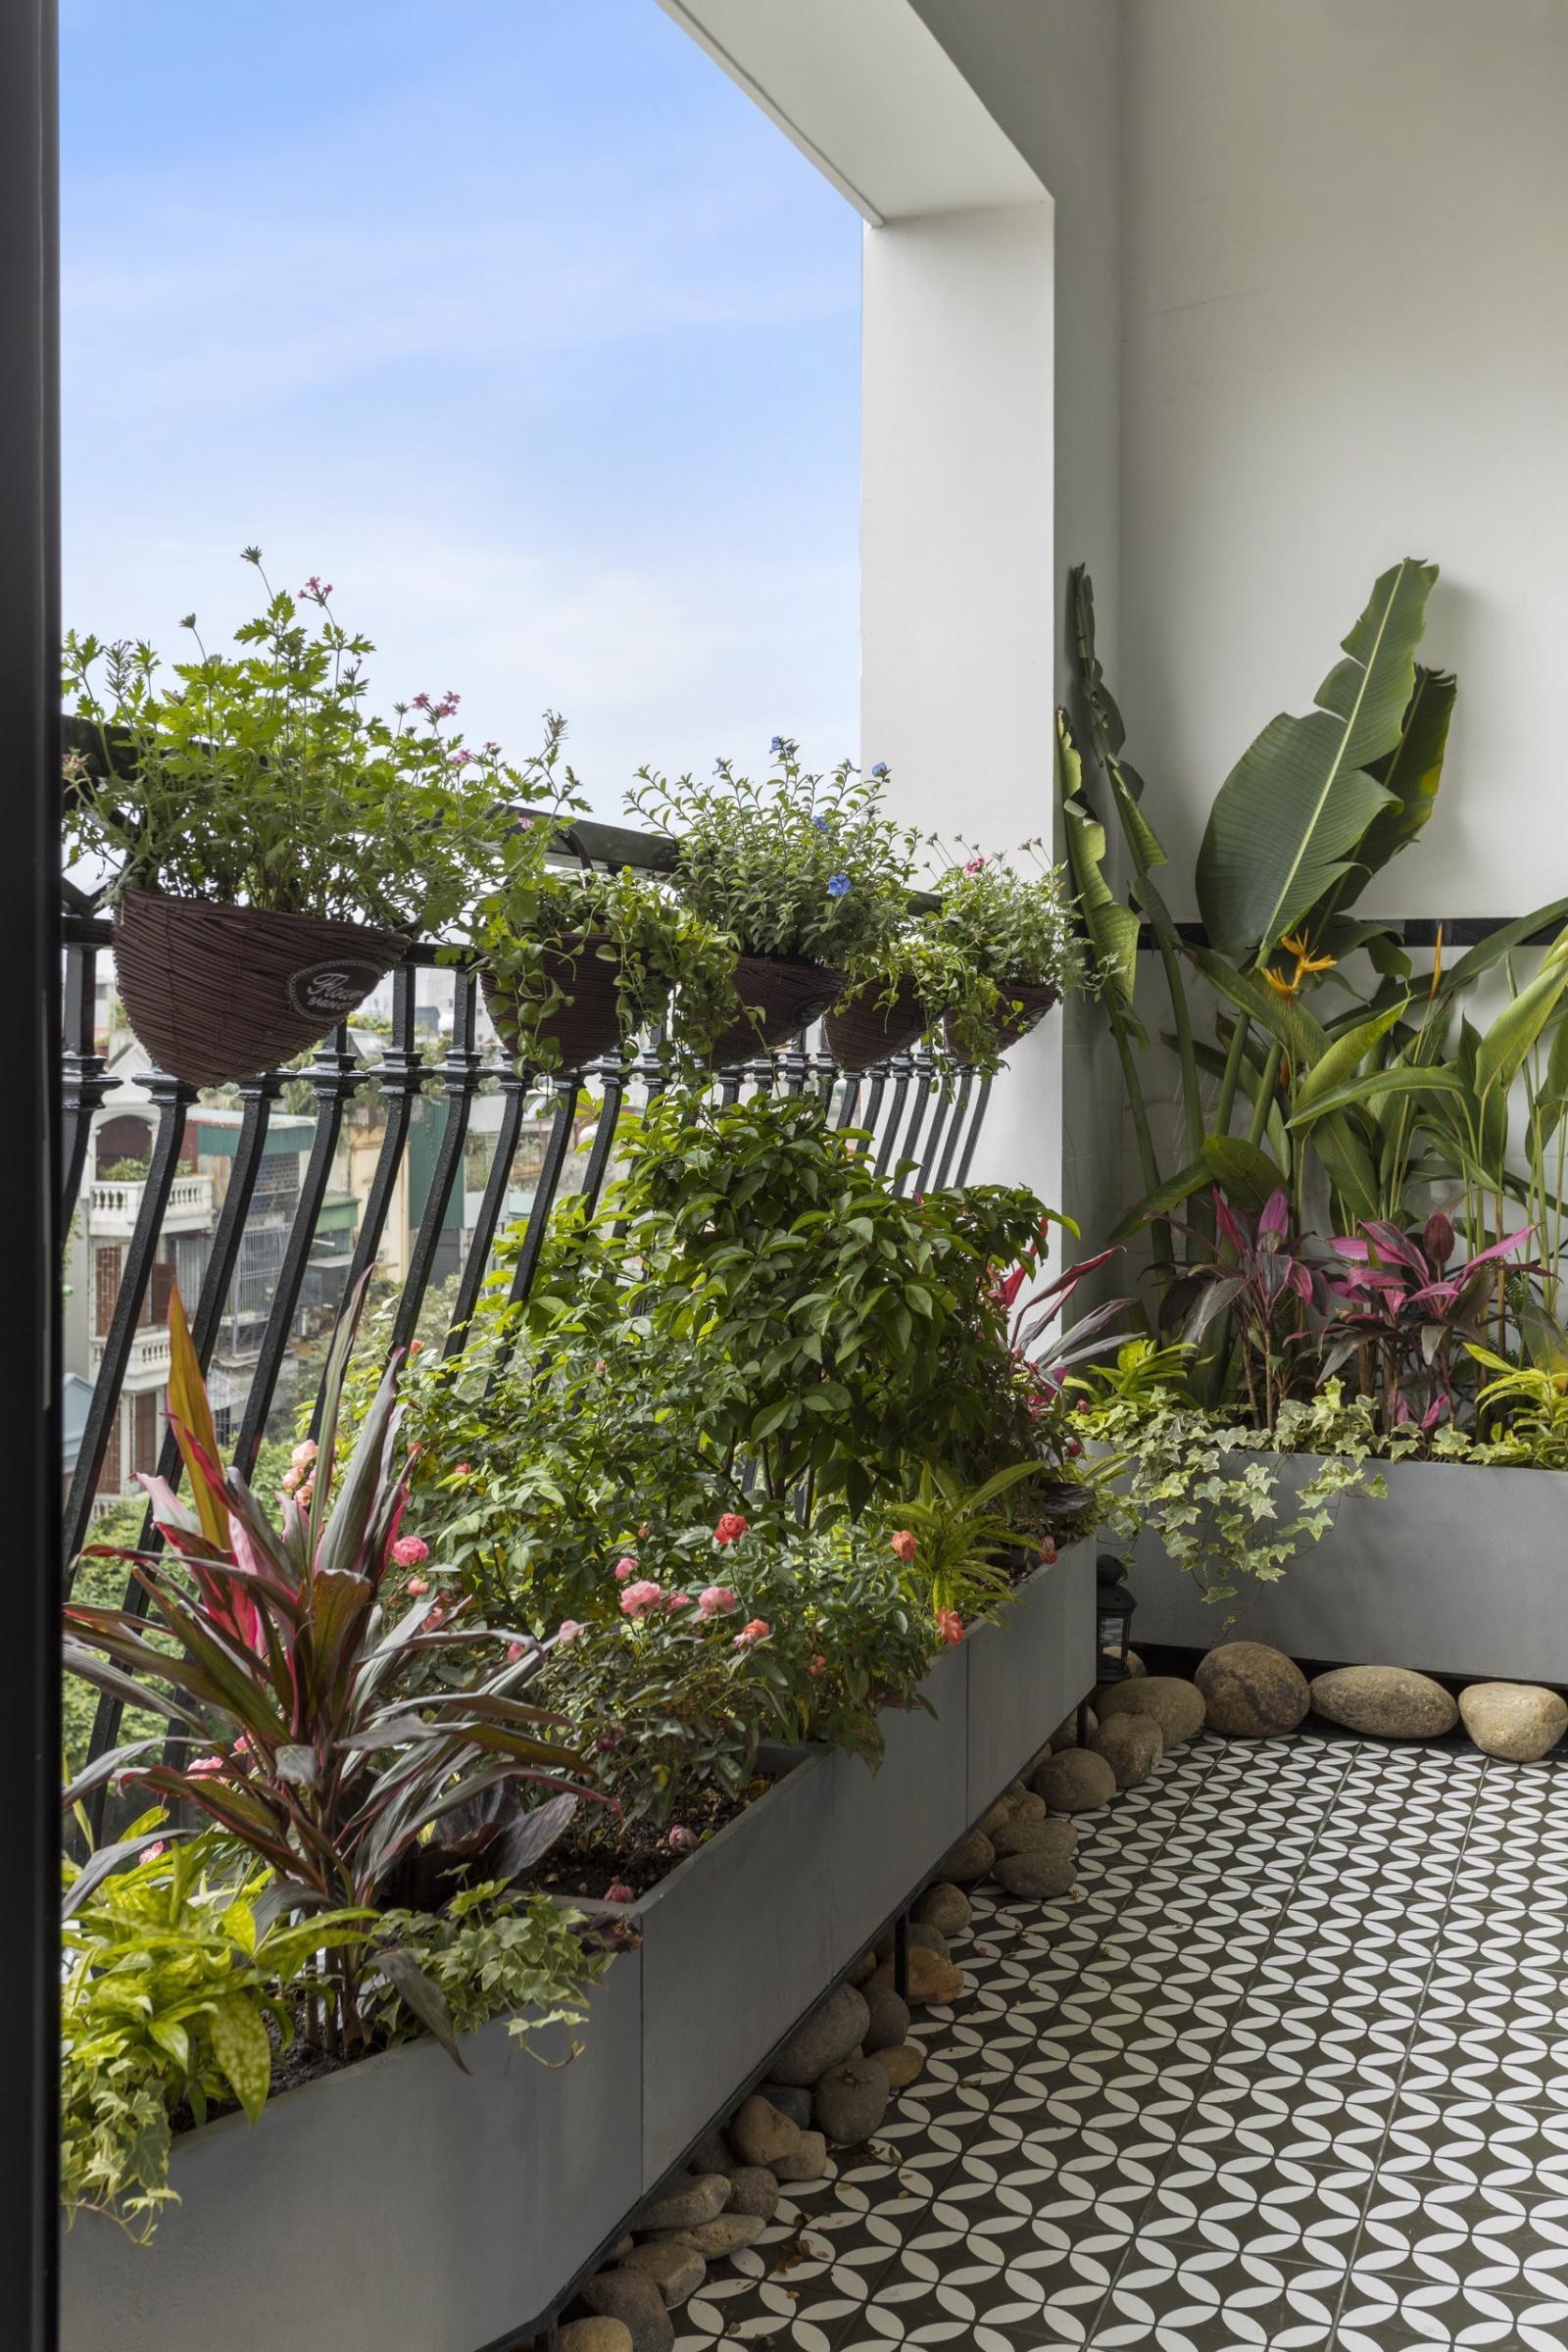 Ban công căn hộ Duplex ngập tràn sắc xanh thiên nhiên, tạo góc thư giãn lý tưởng.